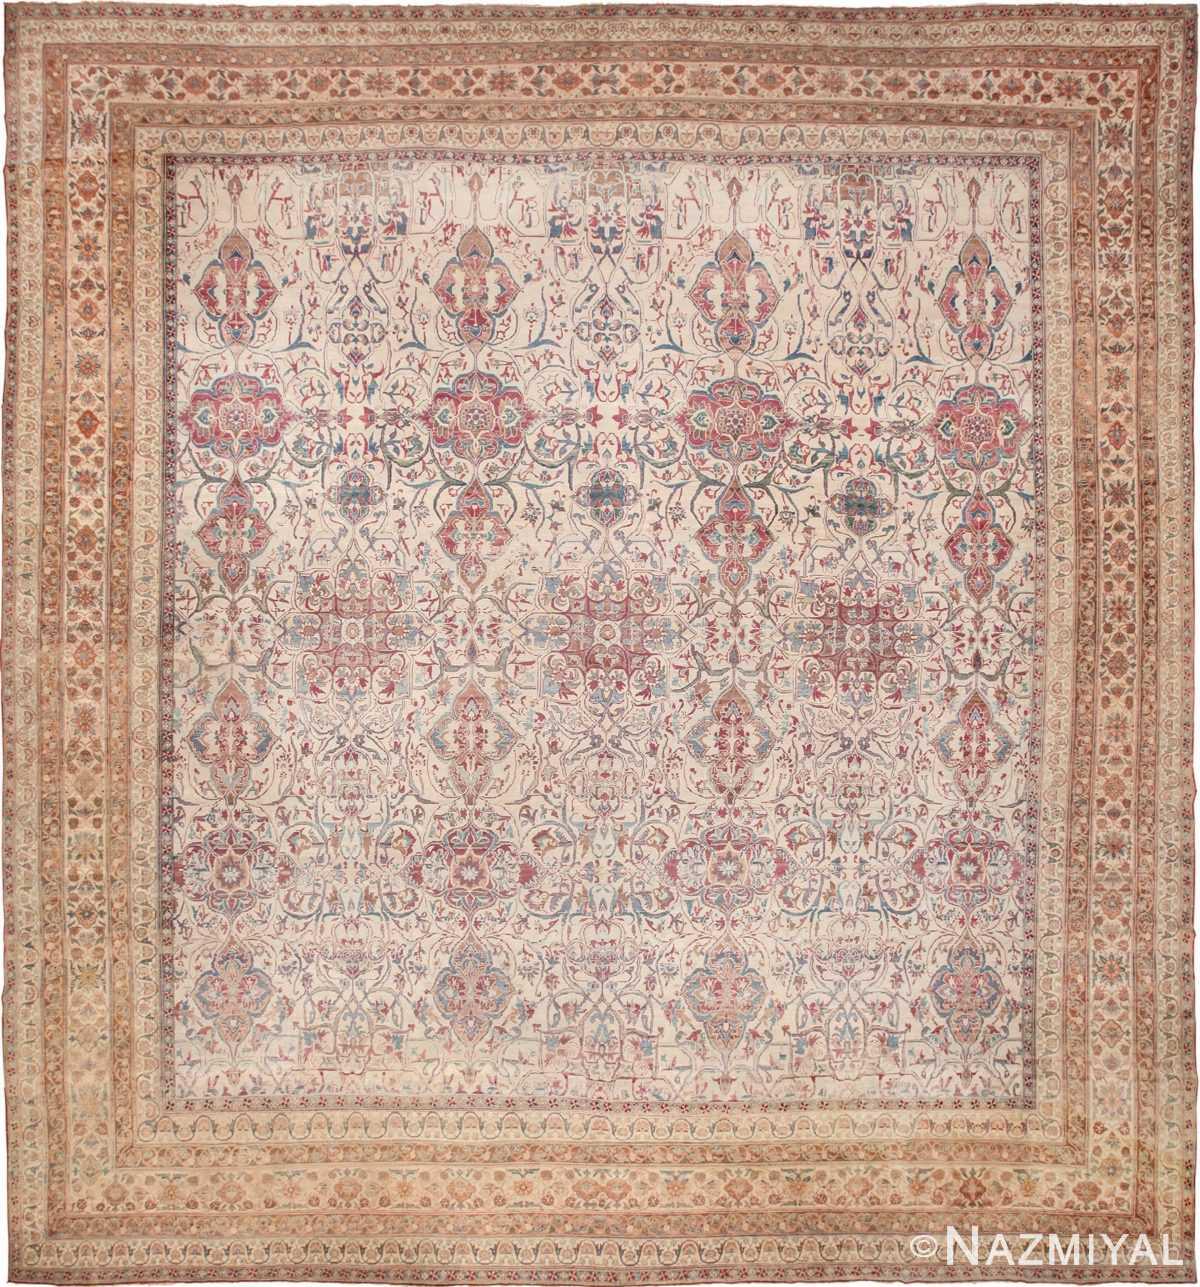 Large Square Antique Persian Kerman Rug 49676 by Nazmiyal